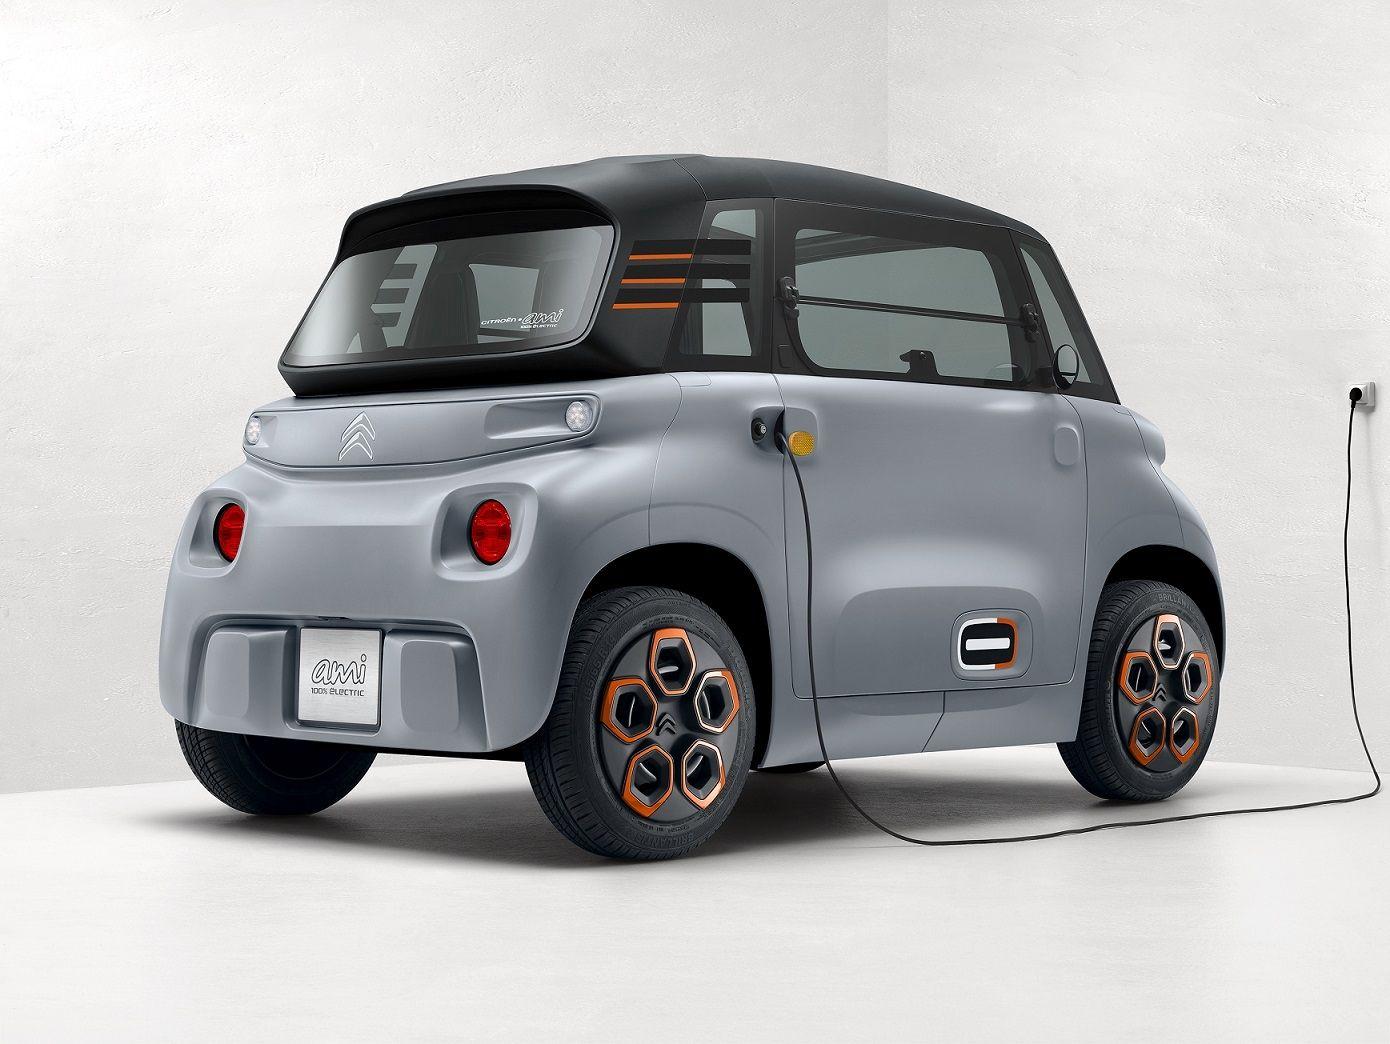 Citroën AMI : le véhicule électrique sans permis à bas prix vendu chez Fnac Darty